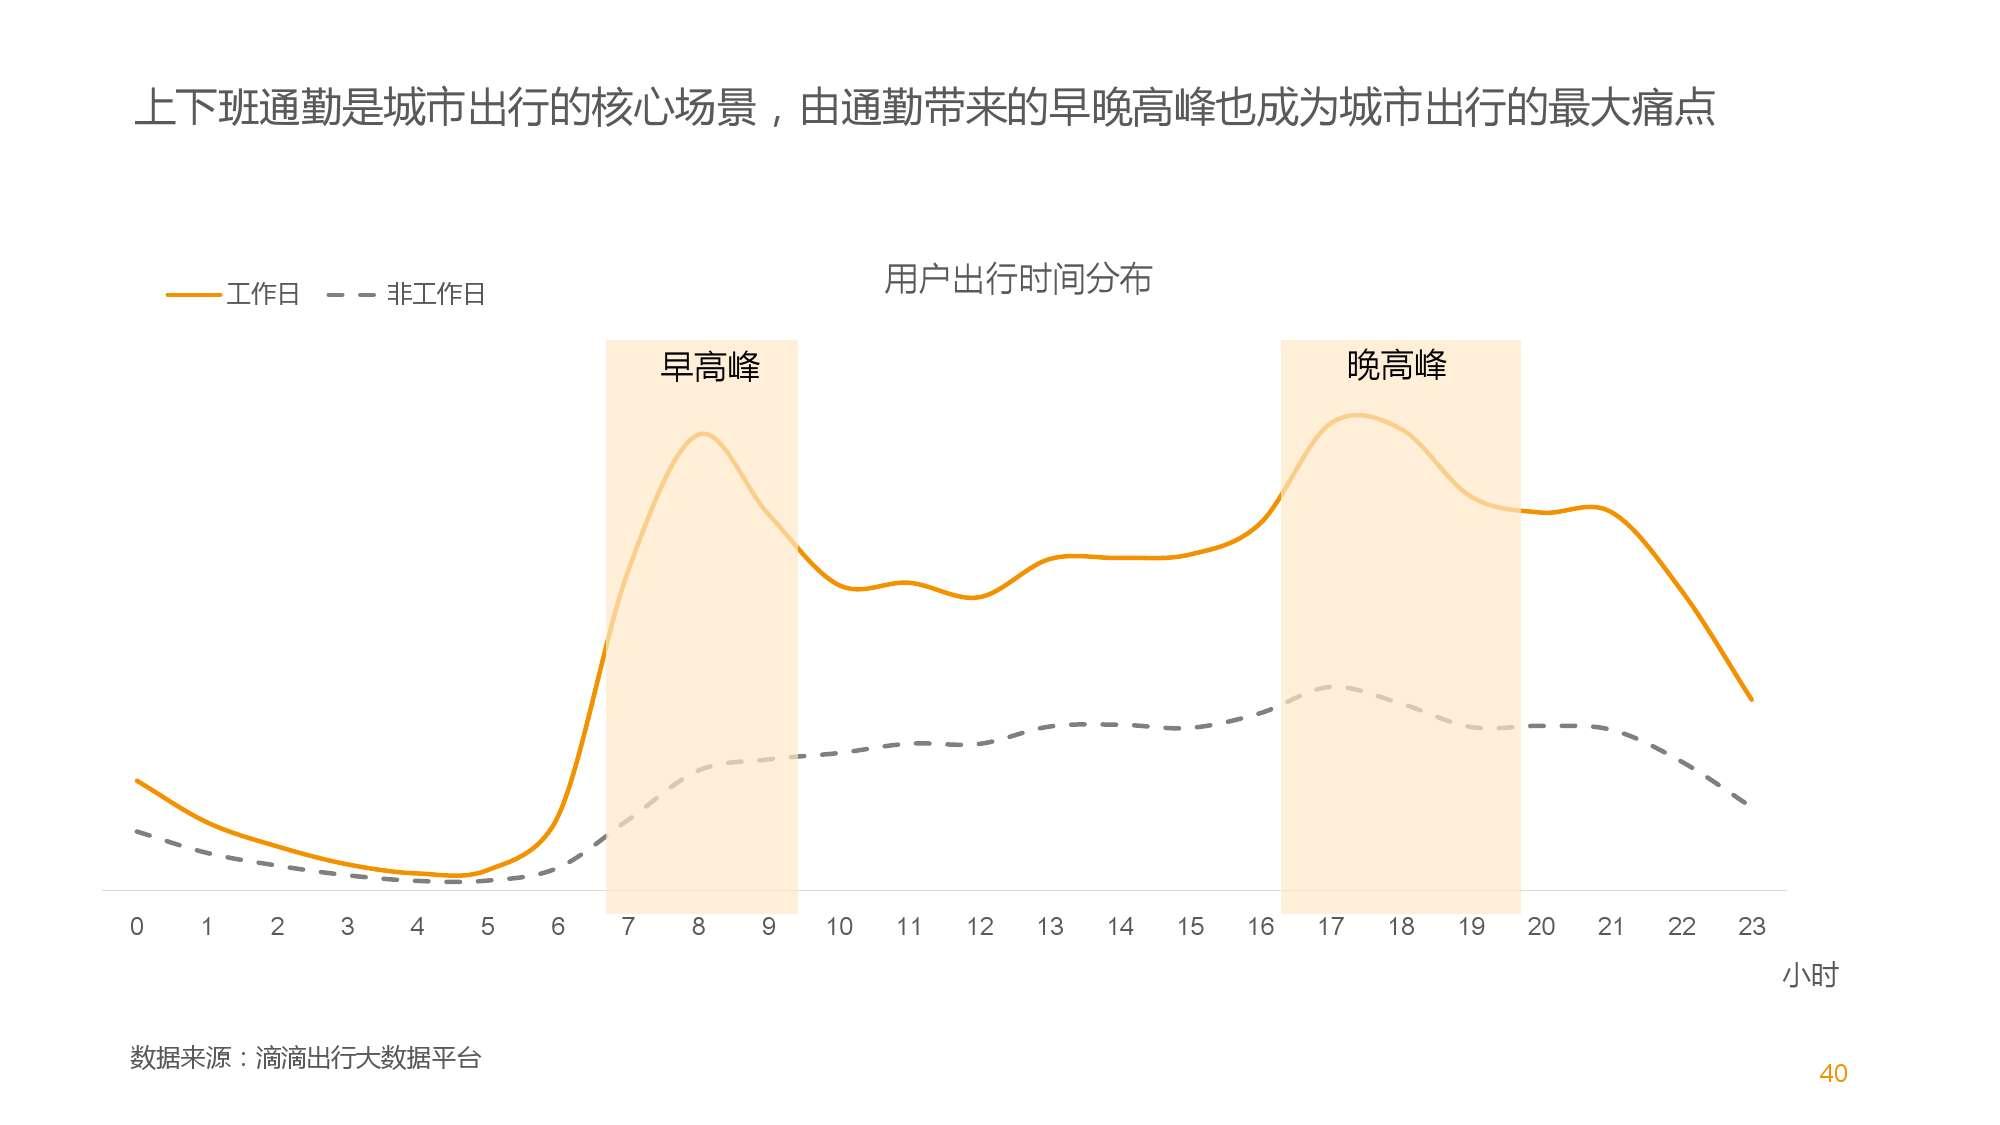 中国智能出行2015大数据报告_000040